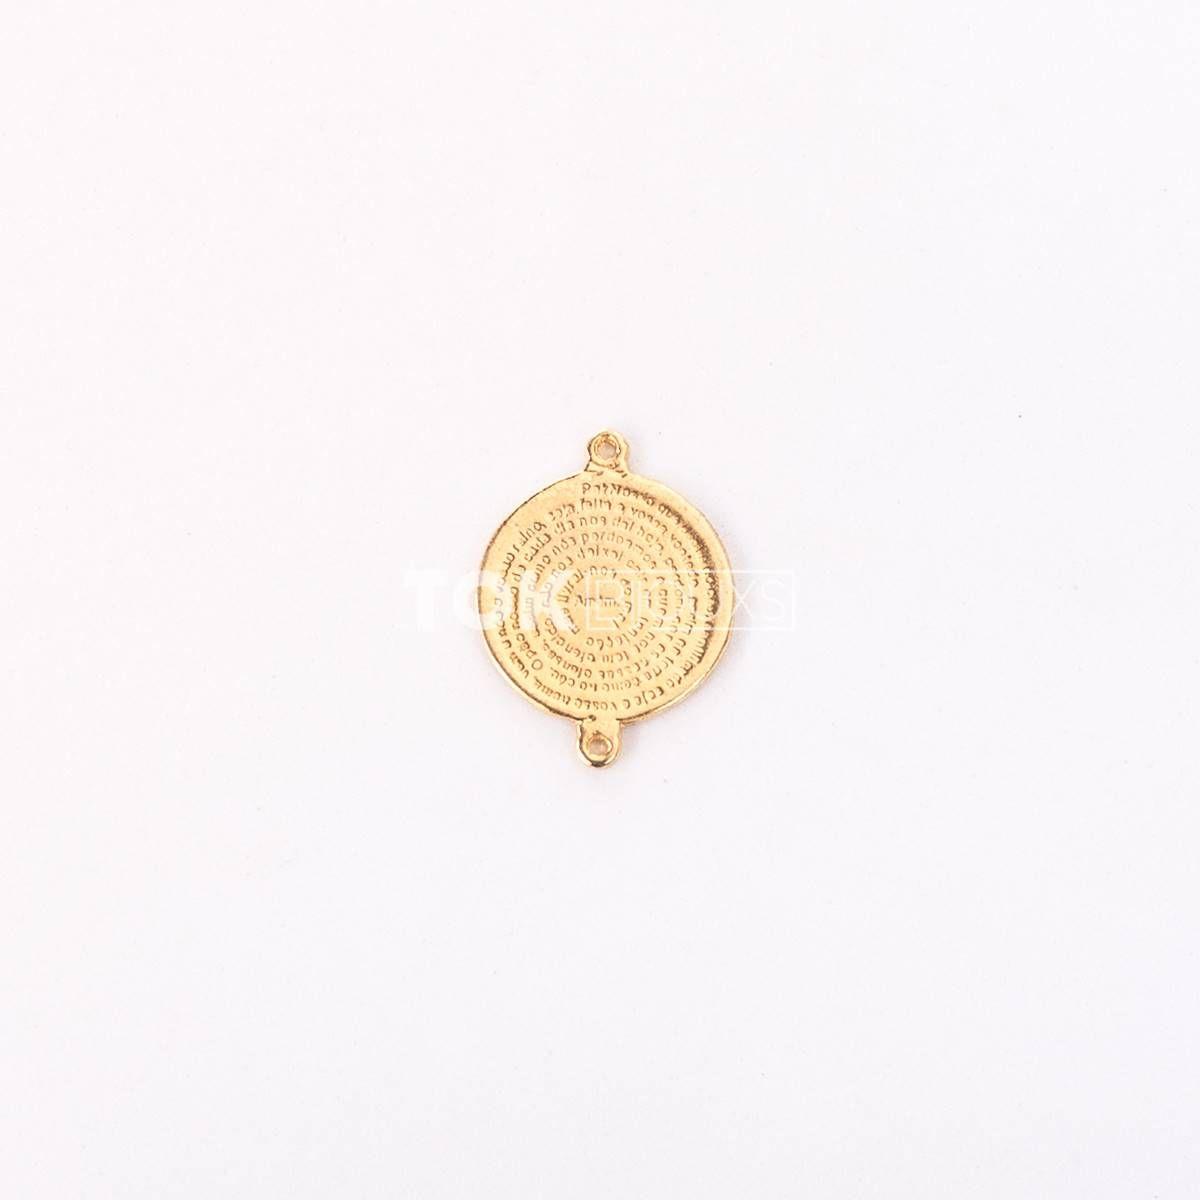 Medalha 10 Mandamentos - Dourado - 1 Unid